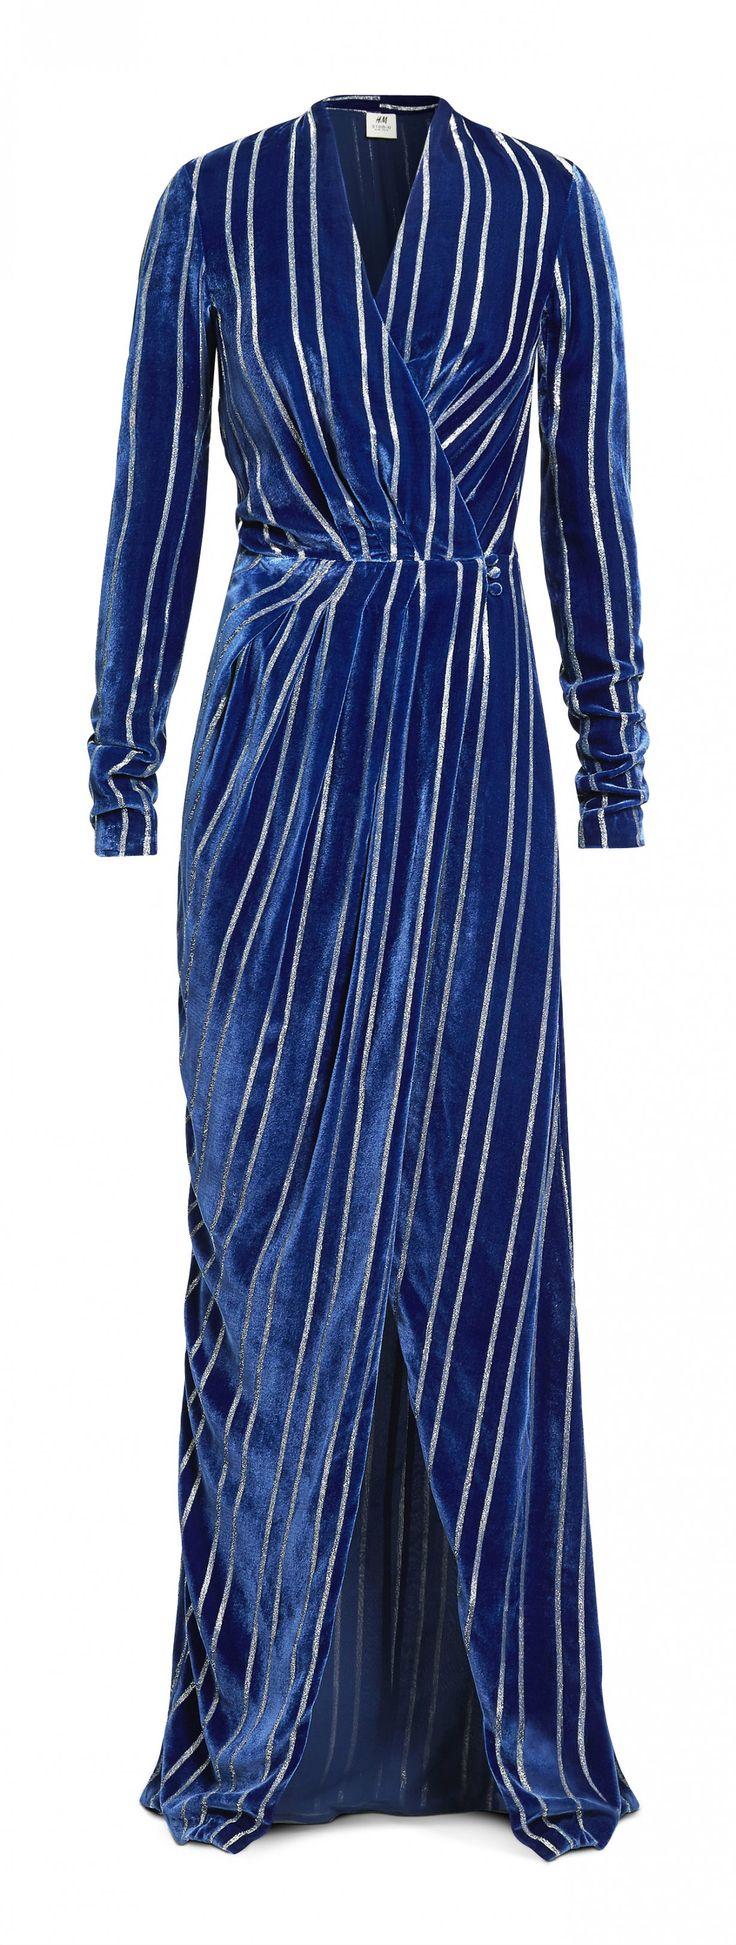 H&M automne hiver 2016-2017 : une robe longue fendue